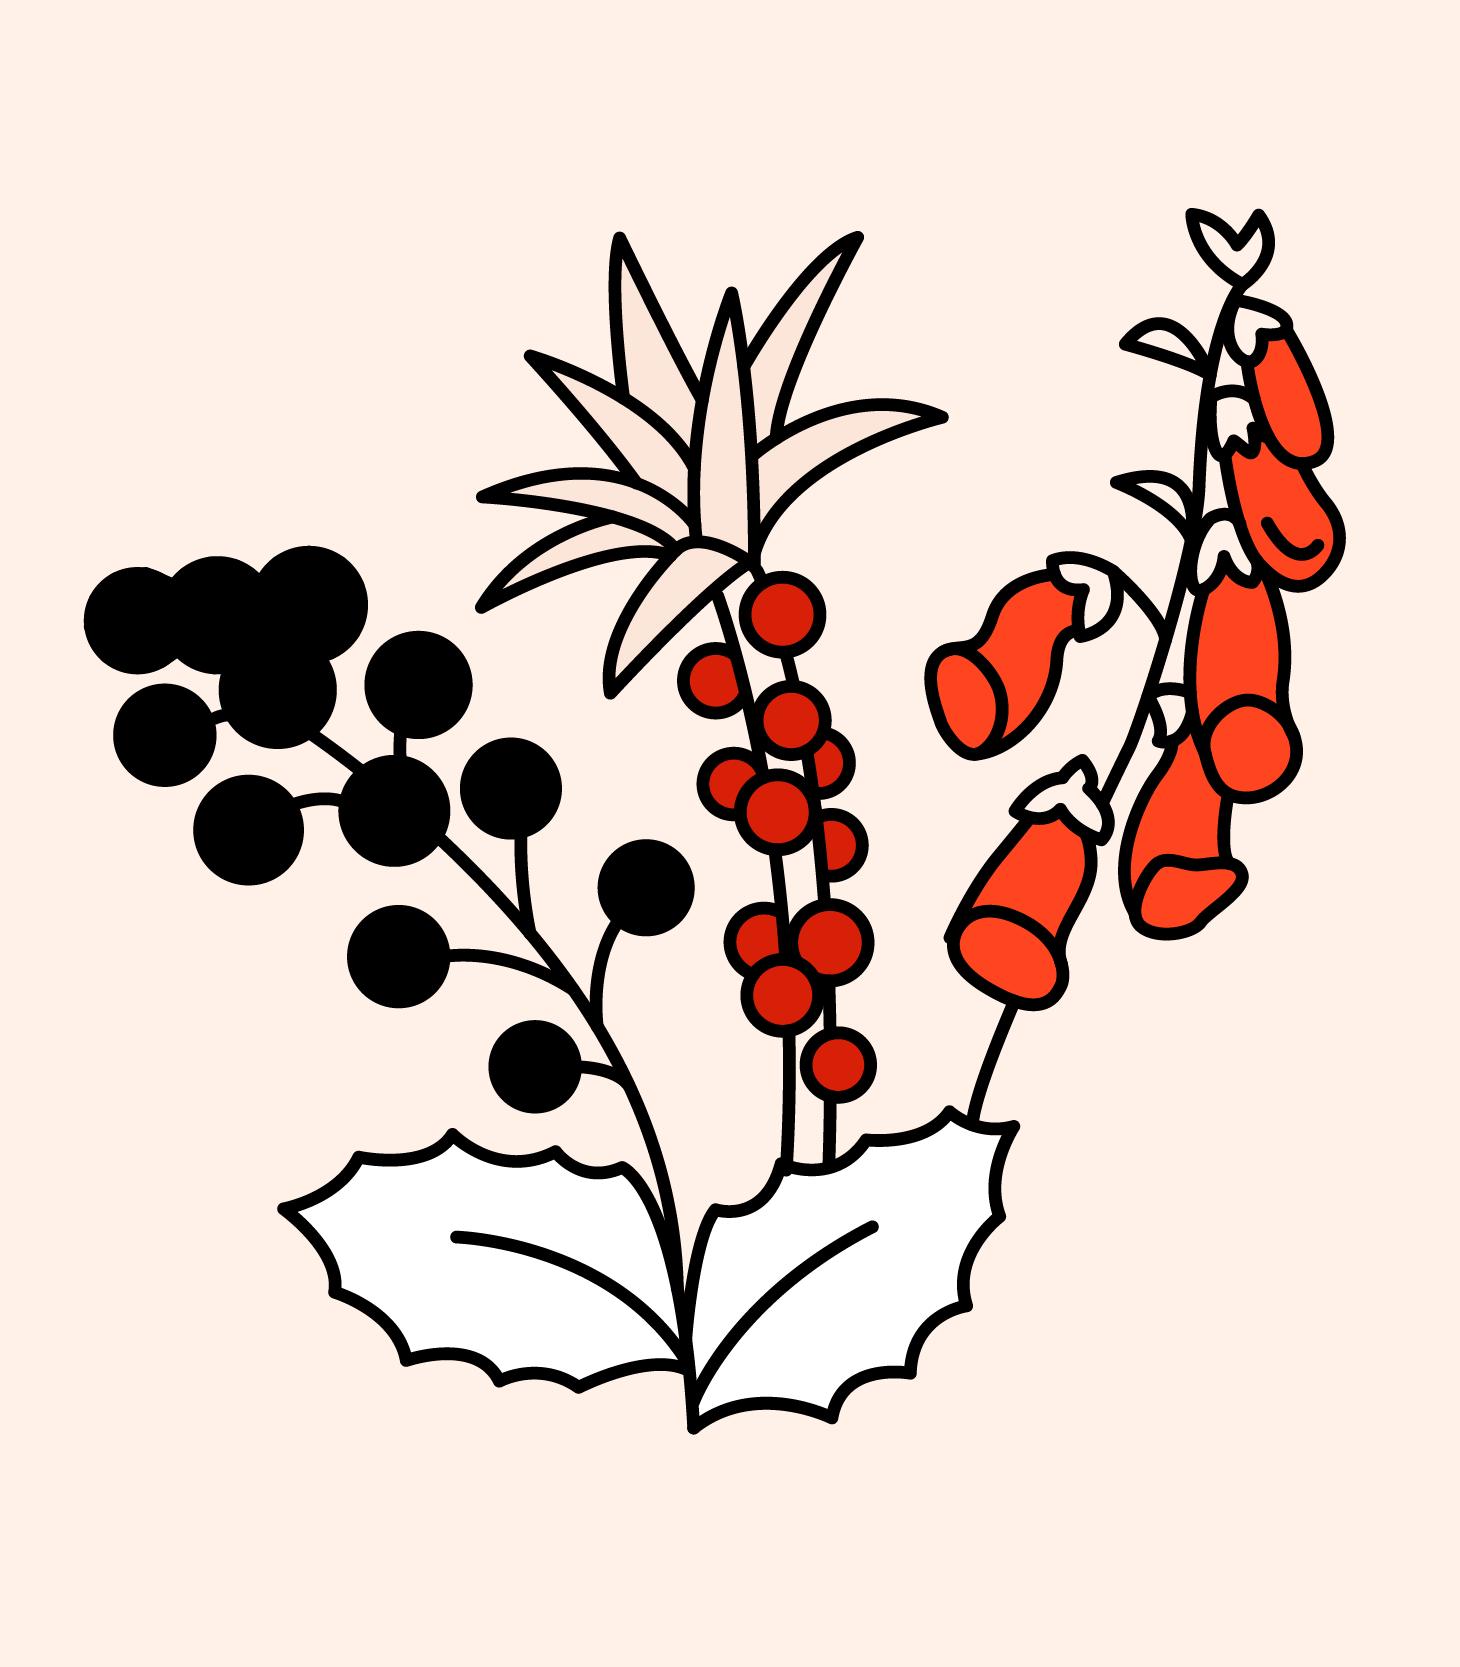 Illustrasjonsbilde av ulike planter og bær